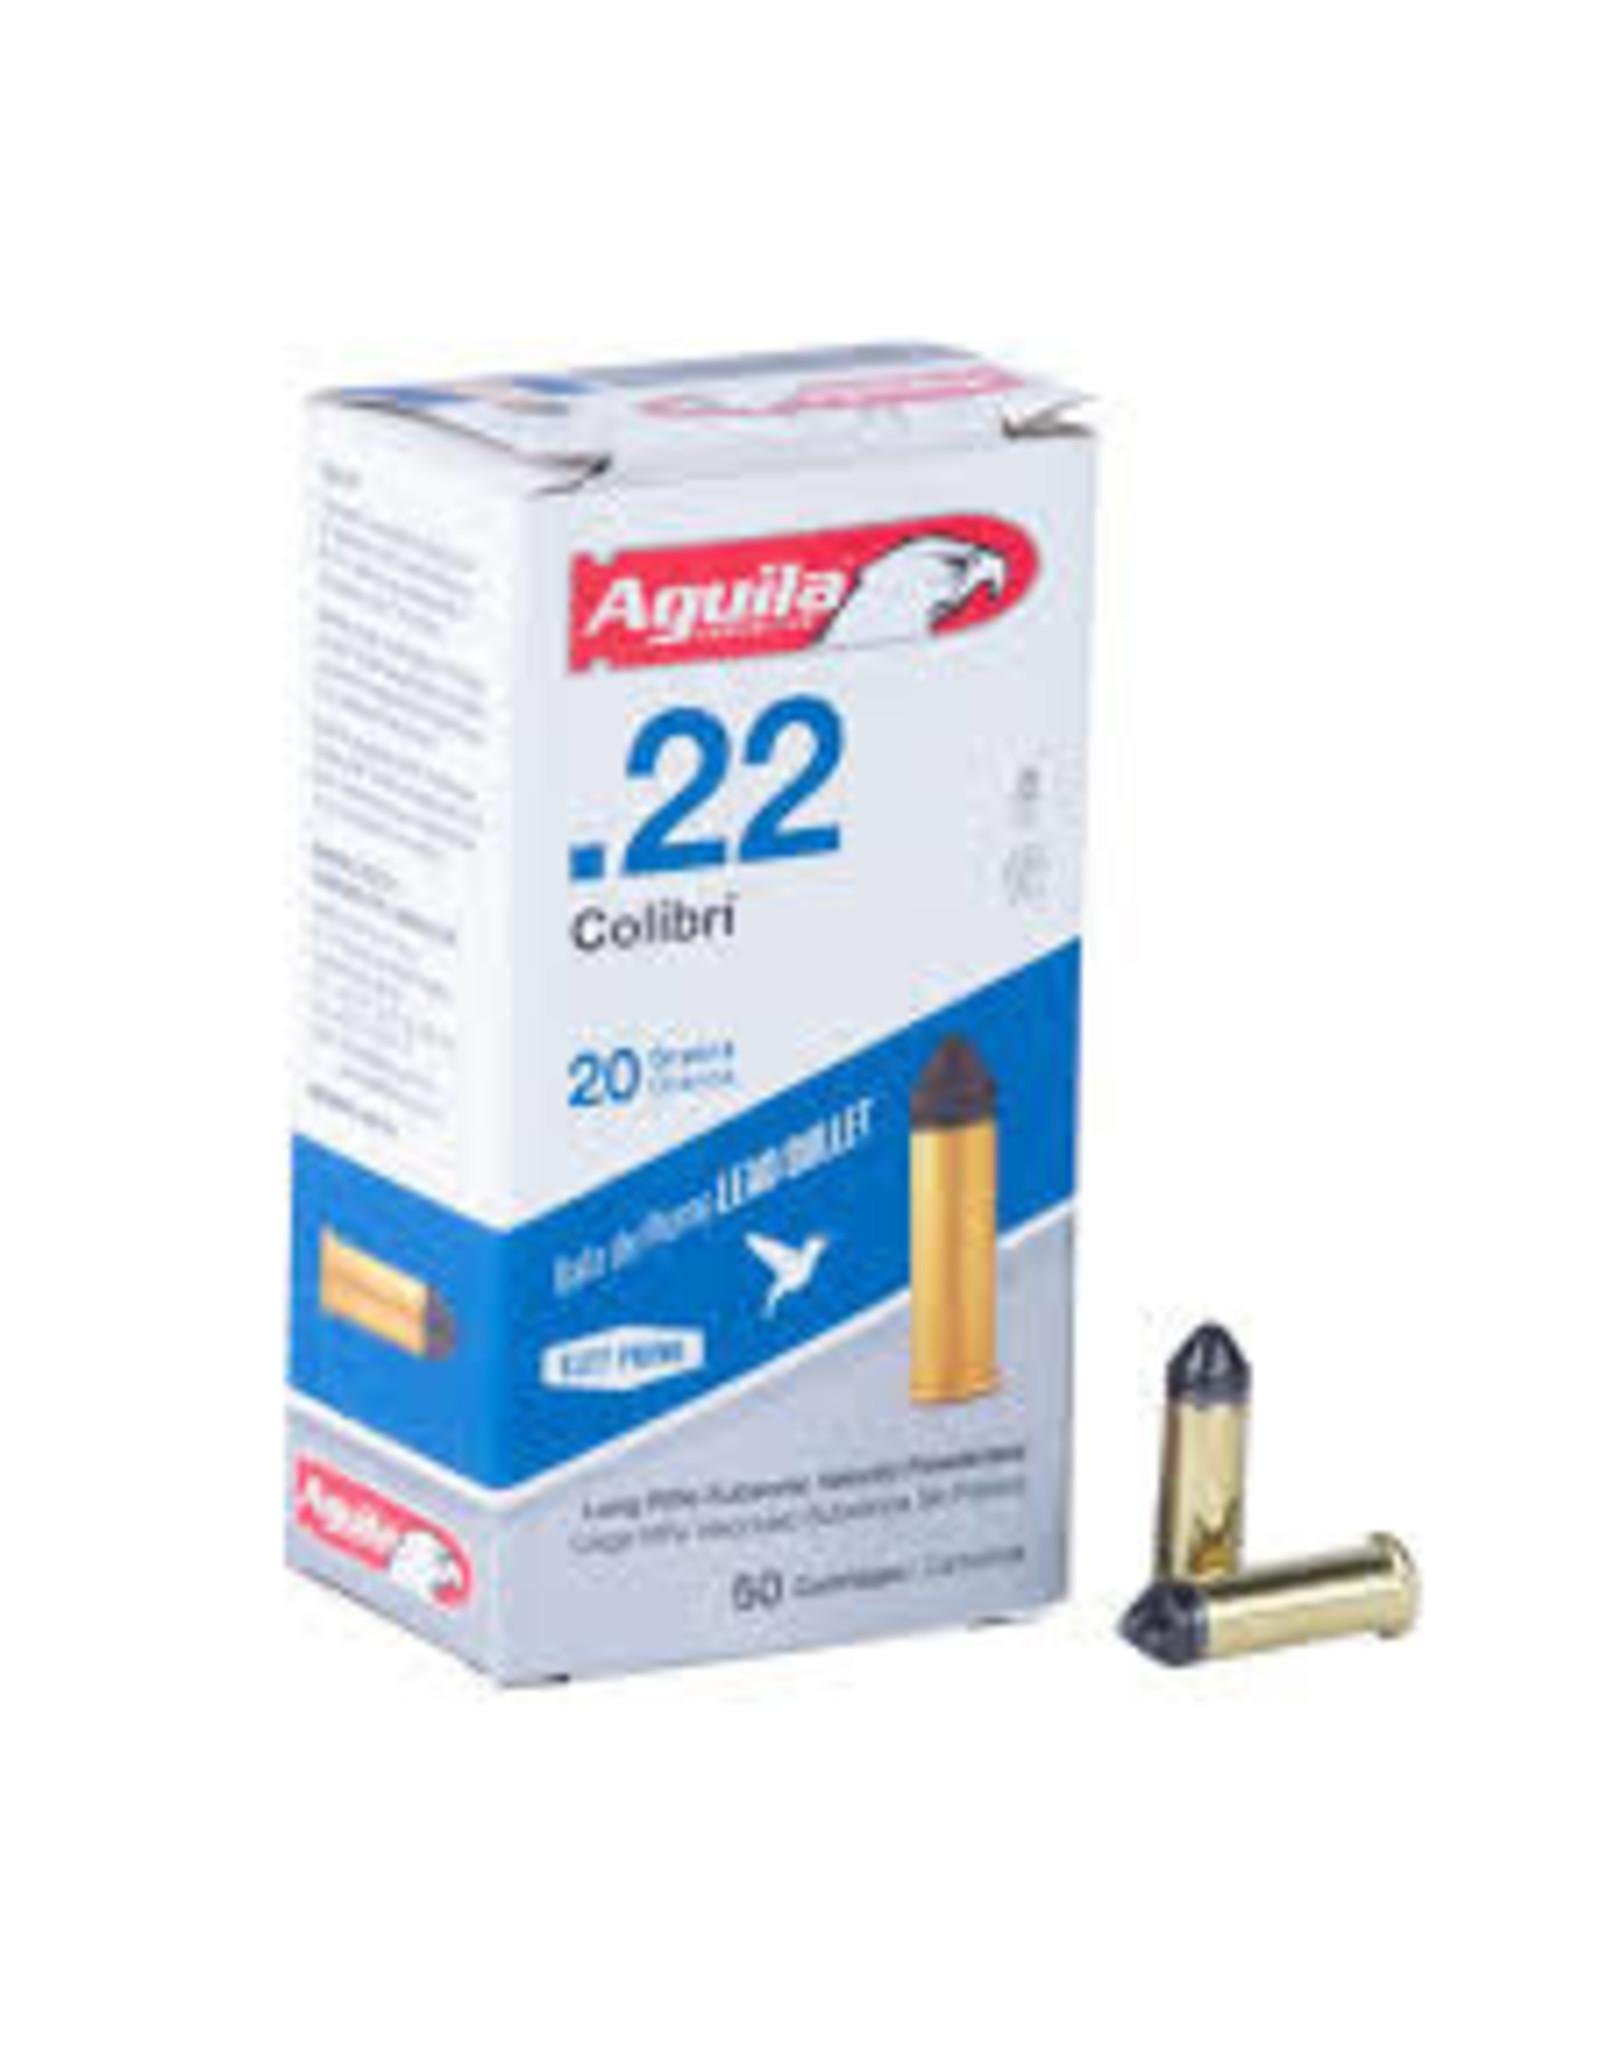 Aguila Aguila .22 Colibri  20gr 50 ct